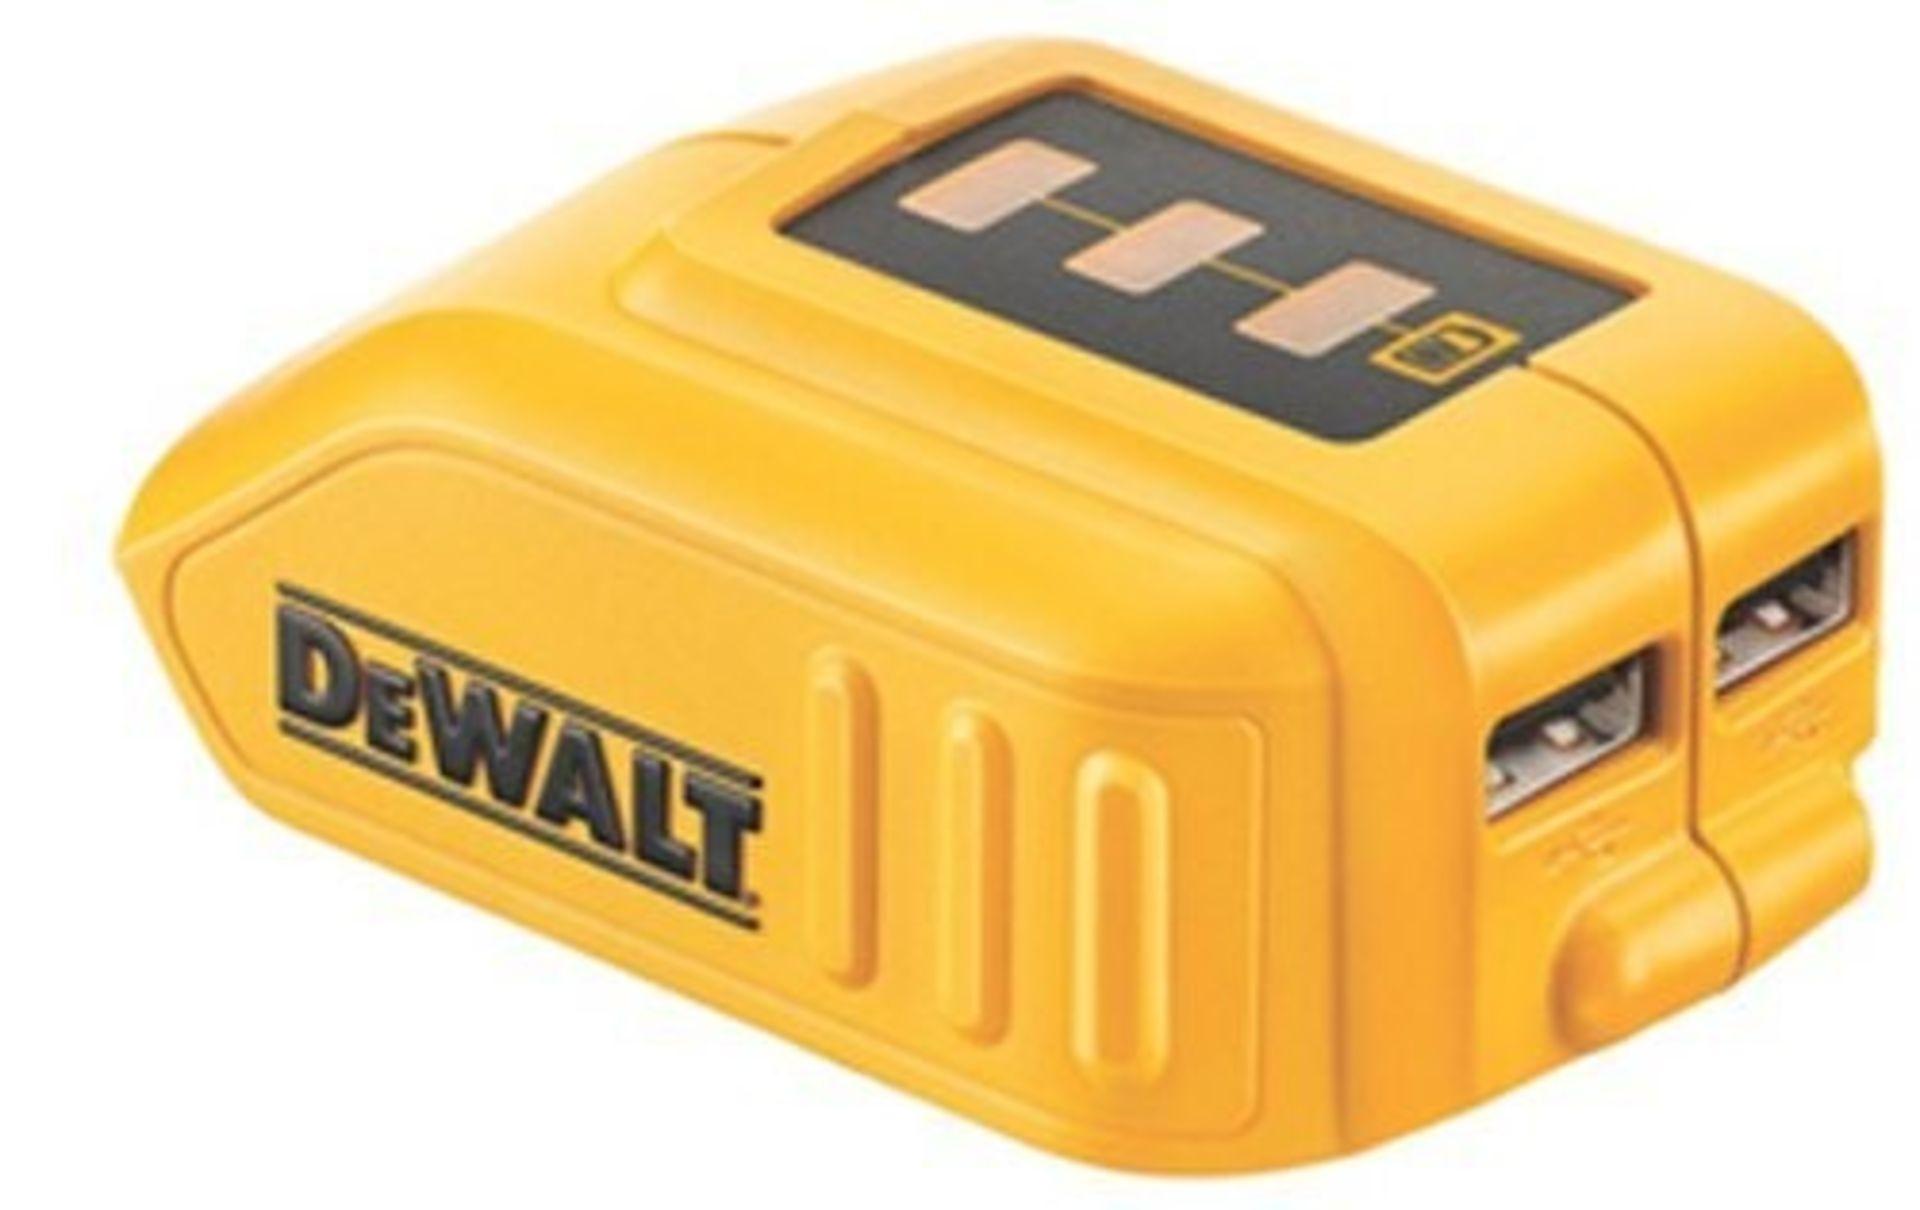 + VAT Brand New DeWalt DCB090 10.8v Lithium Ion USB Charger For XR Battery Packs